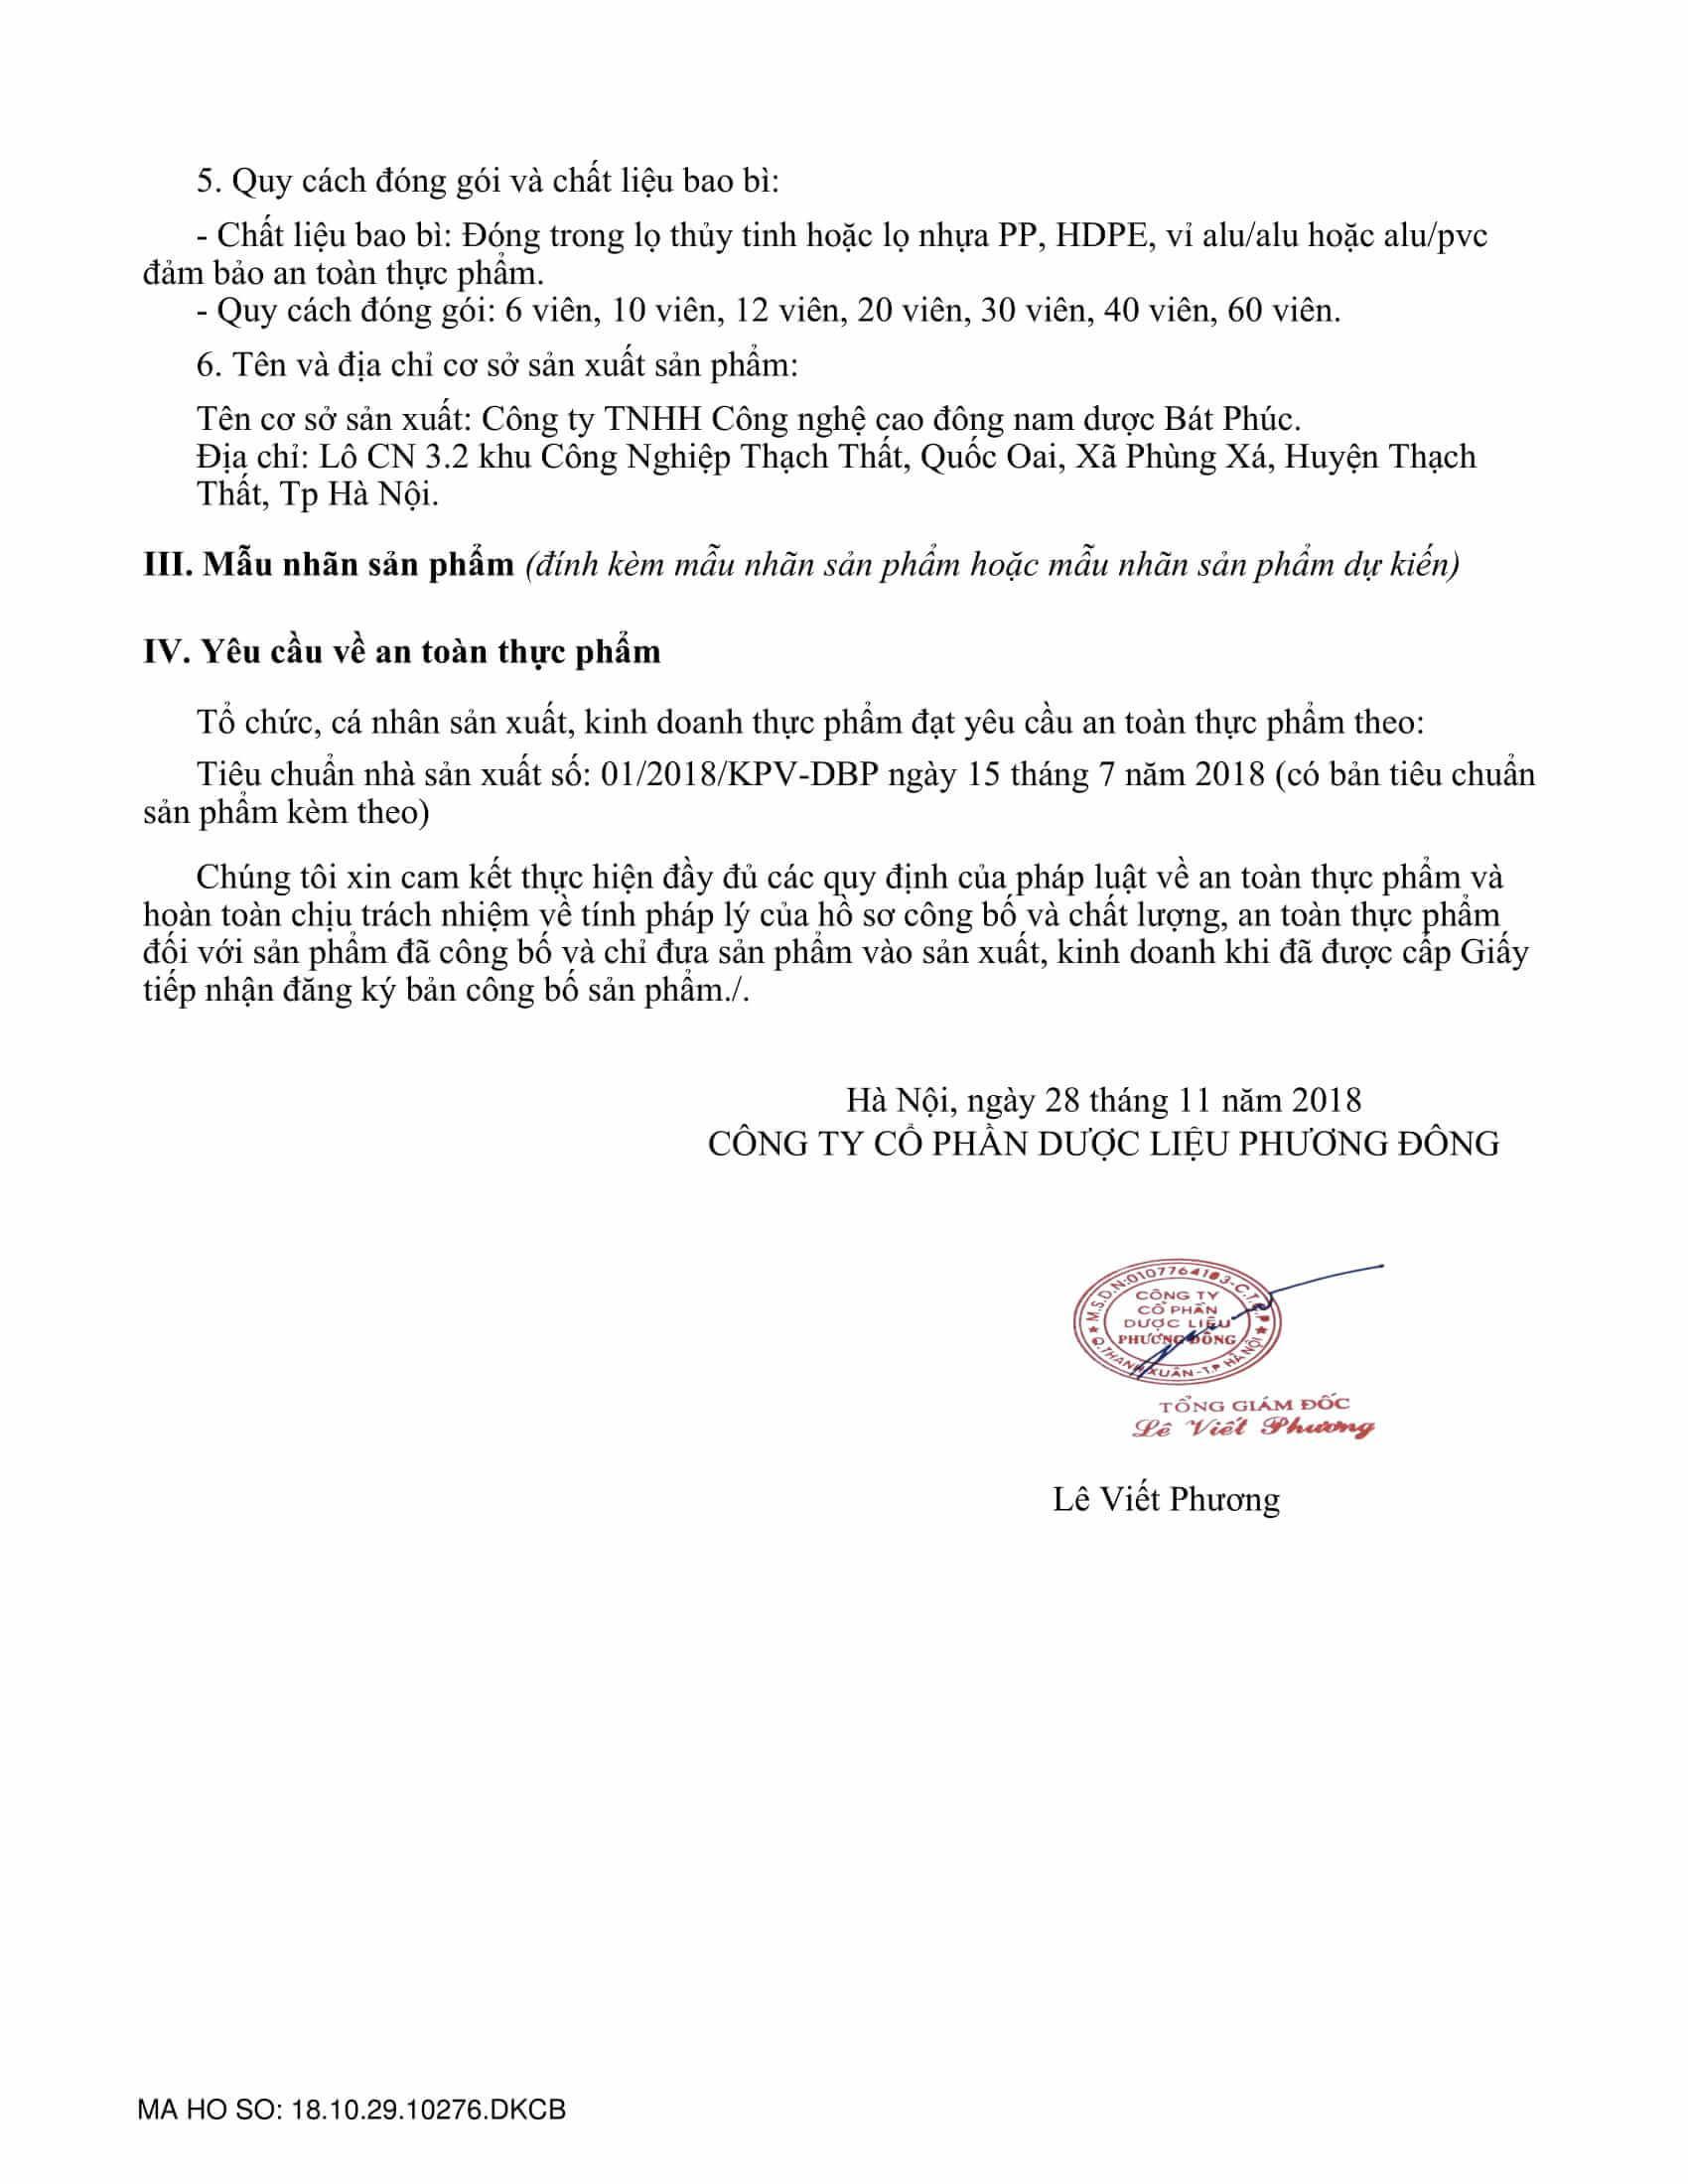 he-lo-ky-phong-vuong-co-tot-khong-mua-o-dau-gia-bao-nhieu-5